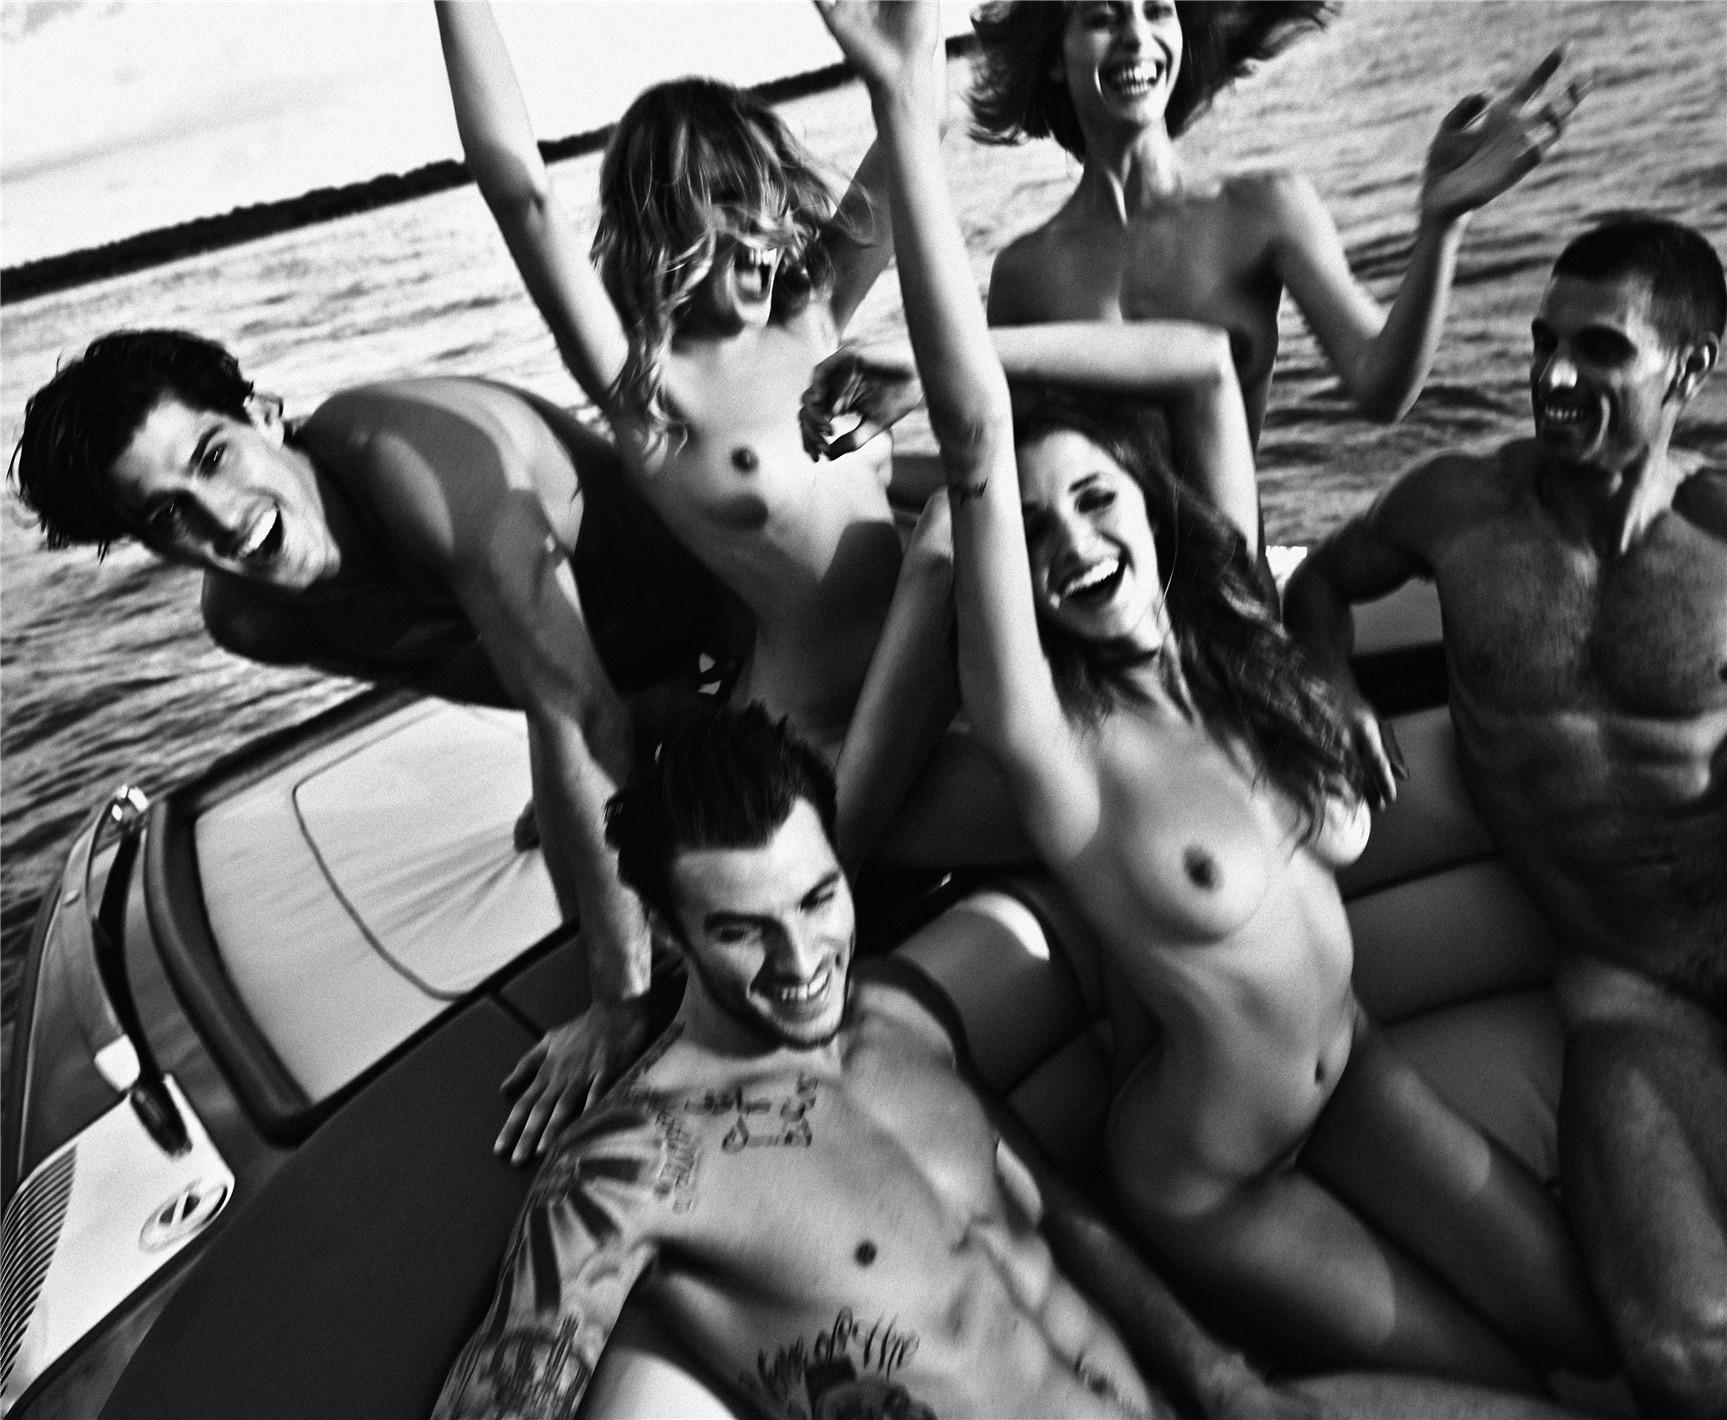 Отдых с сексуальными девушками на катере / Alyssa Arce, Alice Auffray, Adriana by Leonardo Corredor